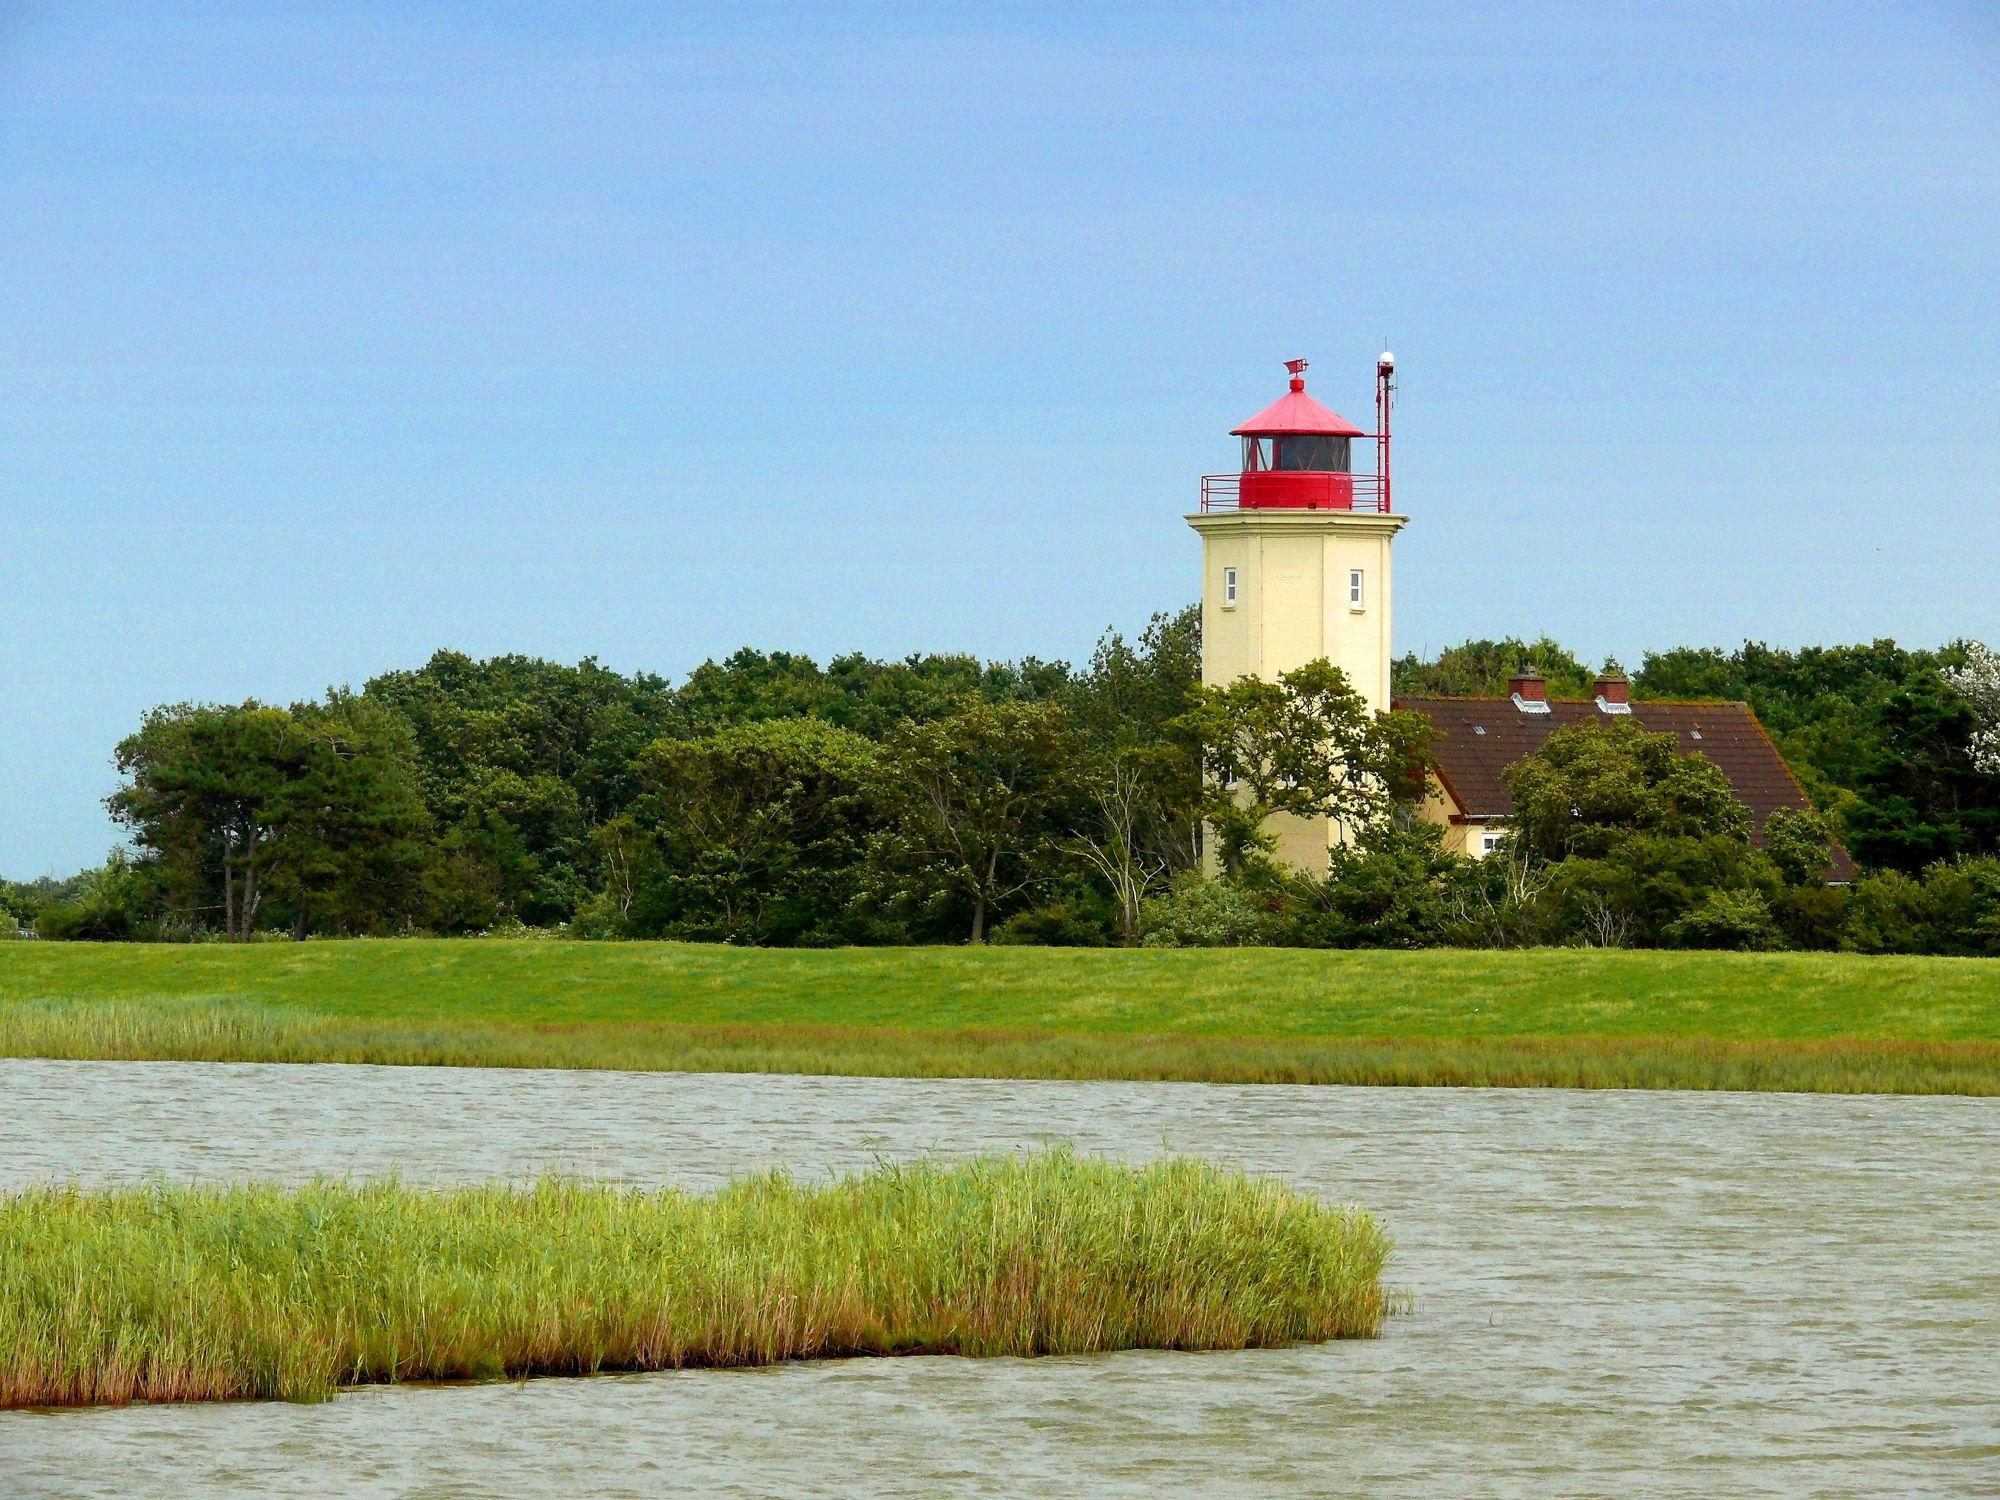 Bild mit Wasser, Flüsse, Leuchttürme, Ostsee, Meer, Wiese, Wiesen, Seefahrt, Fluss, Leuchtturm